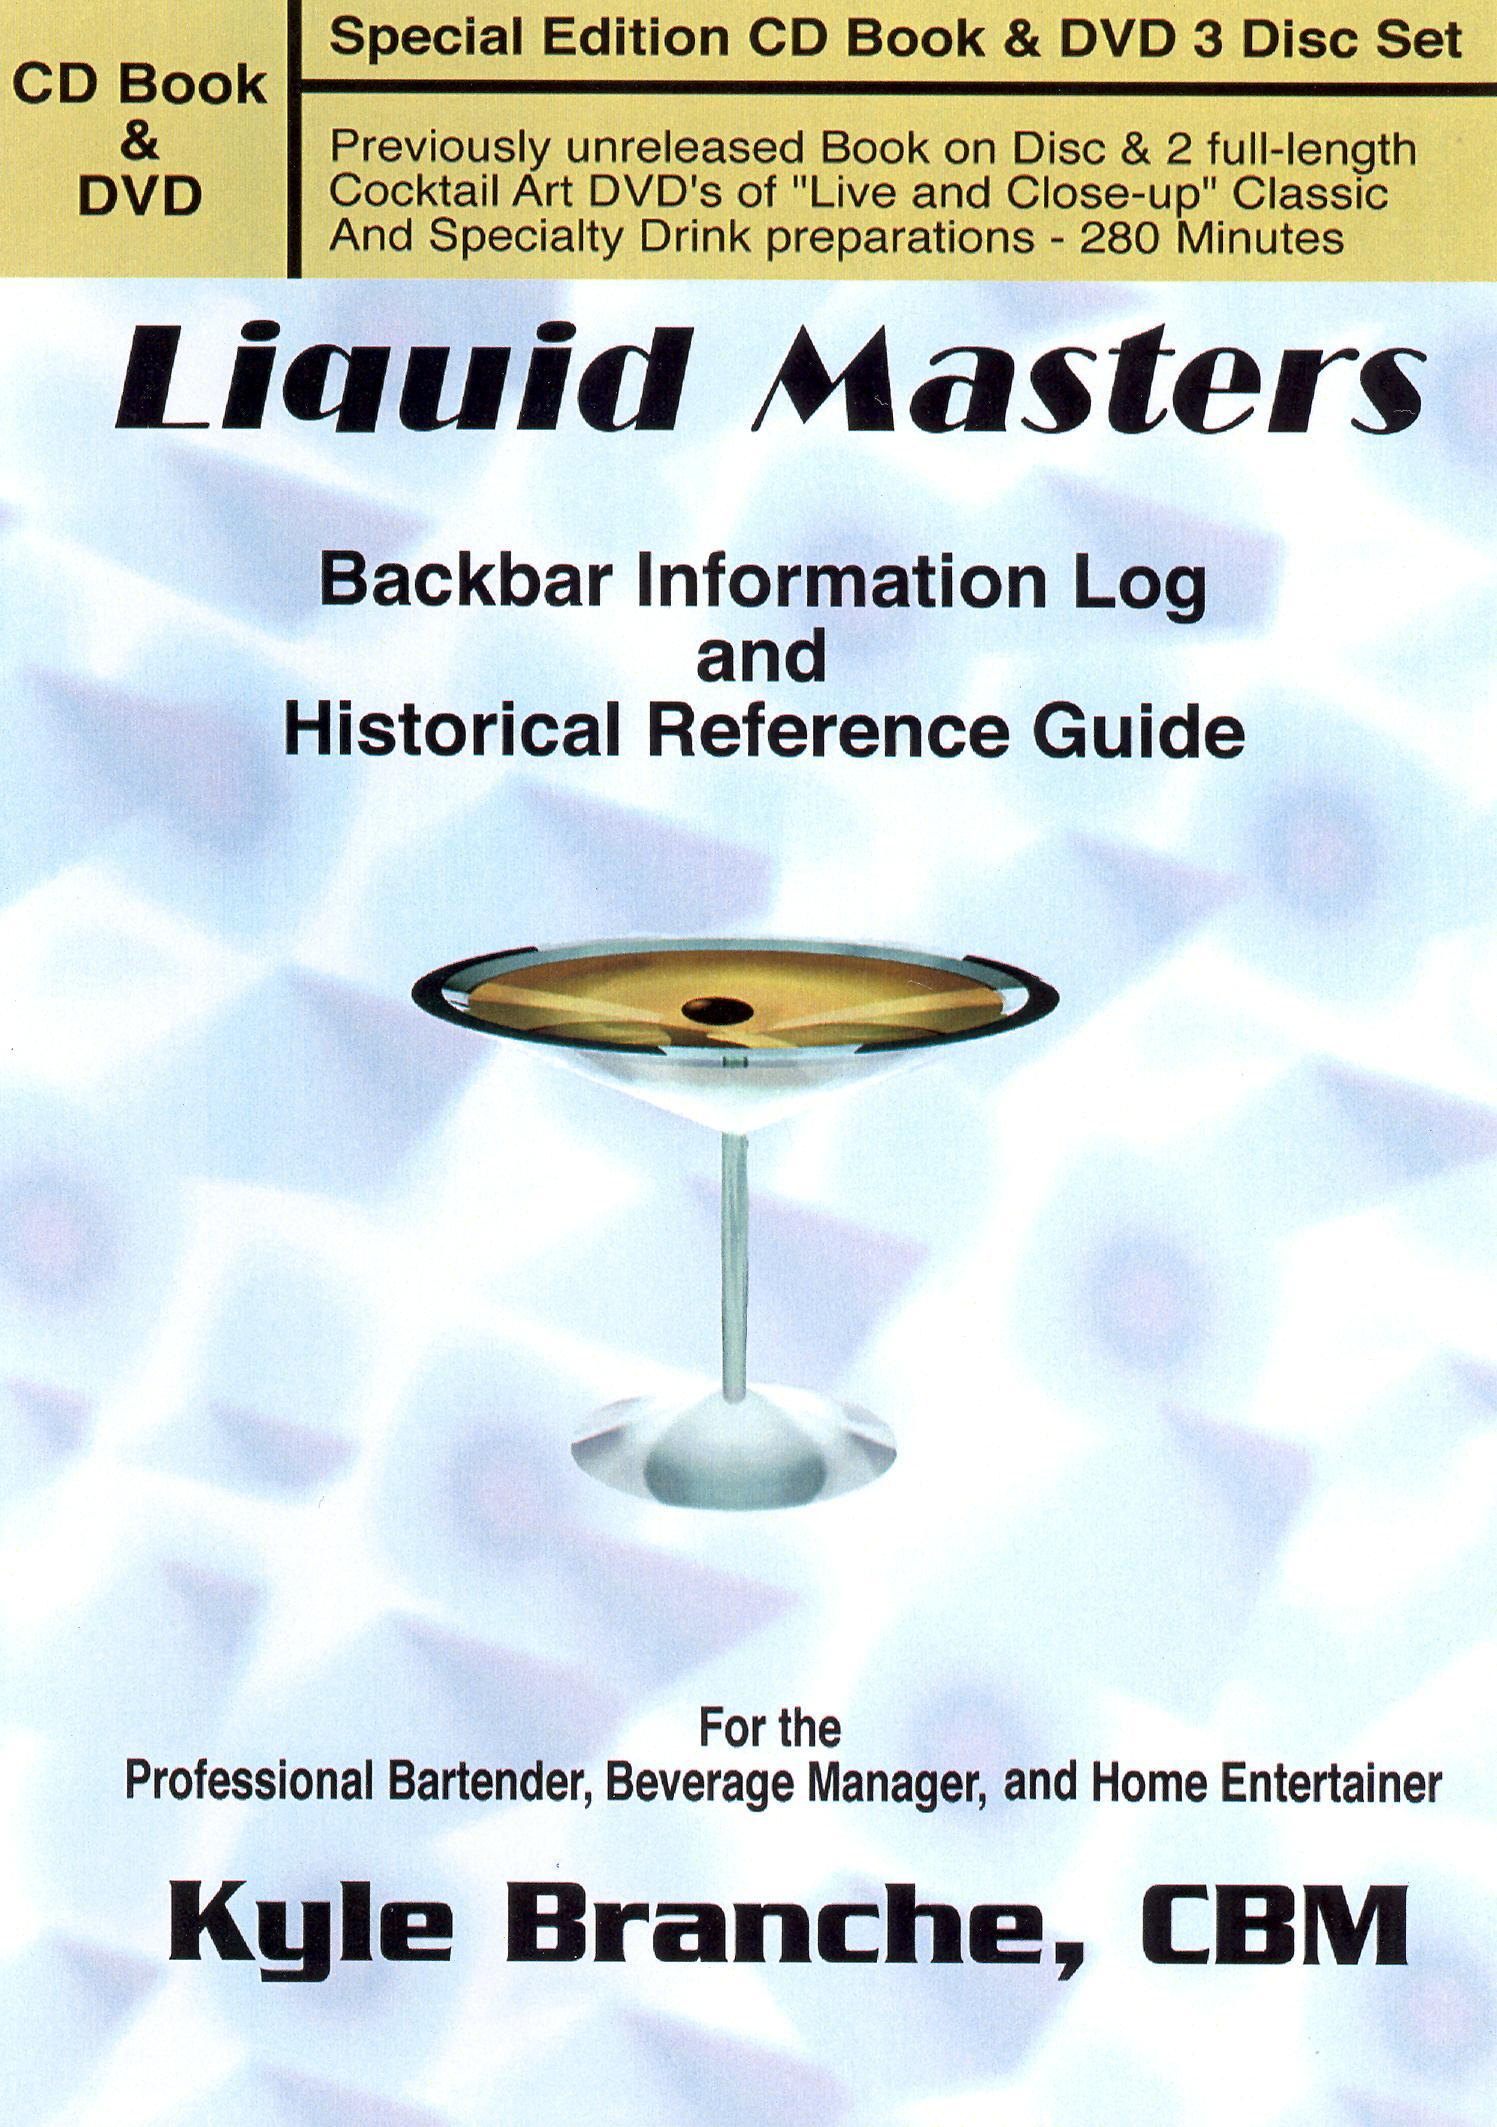 Liquid Masters